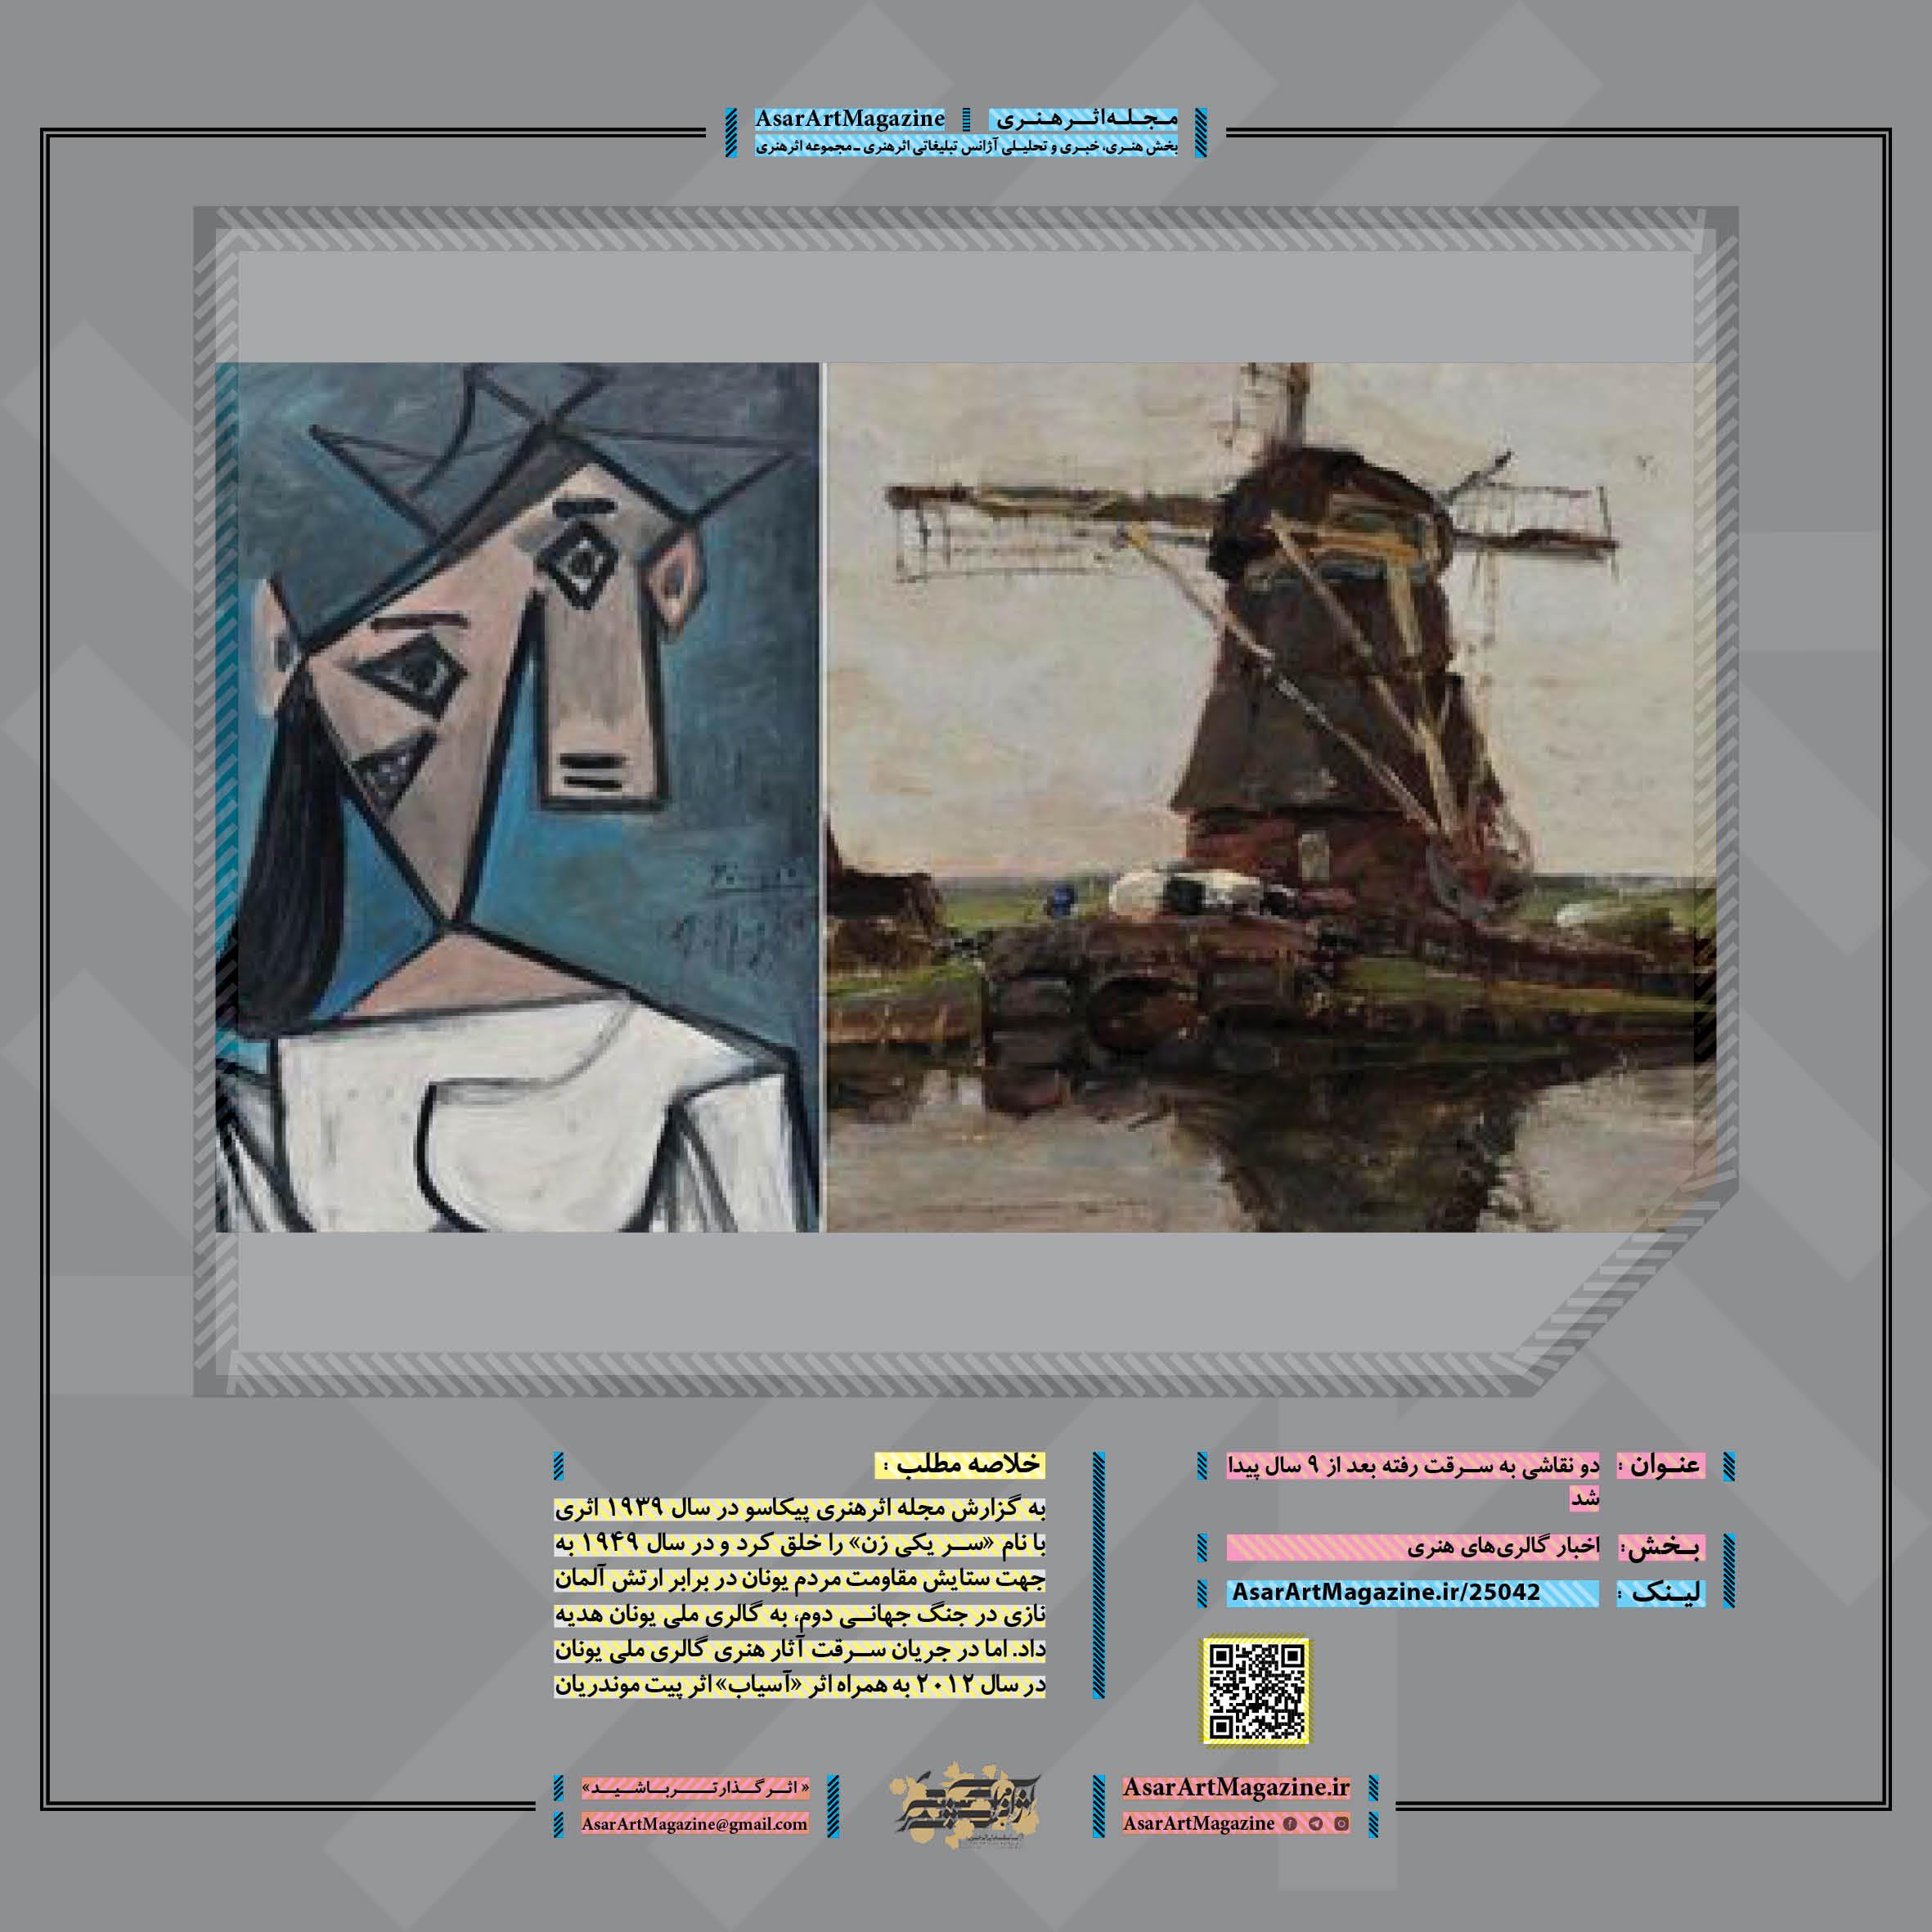 نقاشی به سرقت رفته پیکاسو بعد از 9 سال پیدا شد لینک : https://asarartmagazine.ir/?p=25042 👇 سایت : AsarArtMagazine.ir اینستاگرام : instagram.com/AsarArtMagazine تلگرام :  t.me/AsarArtMagazine 👆